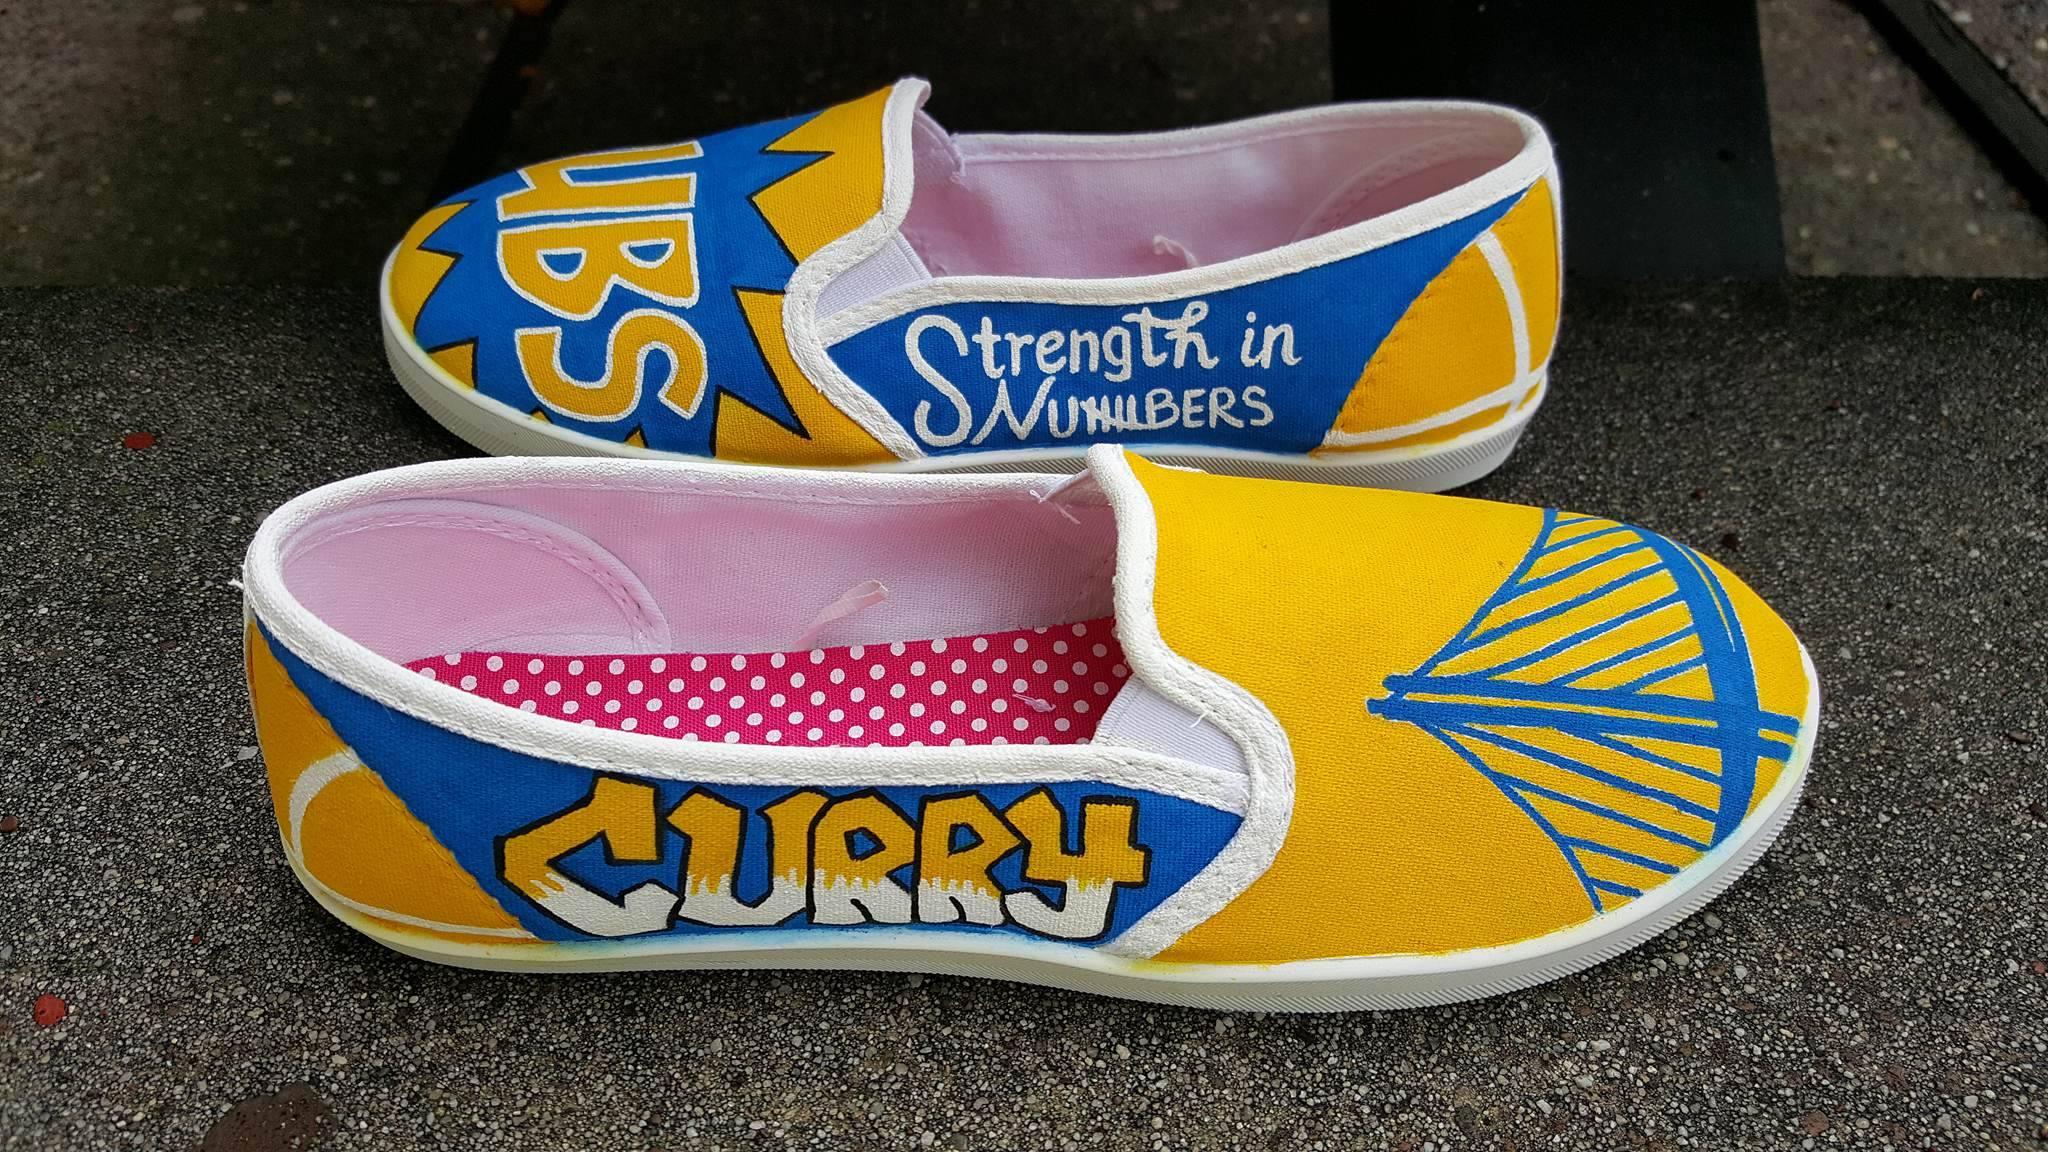 Warriors side of shoe